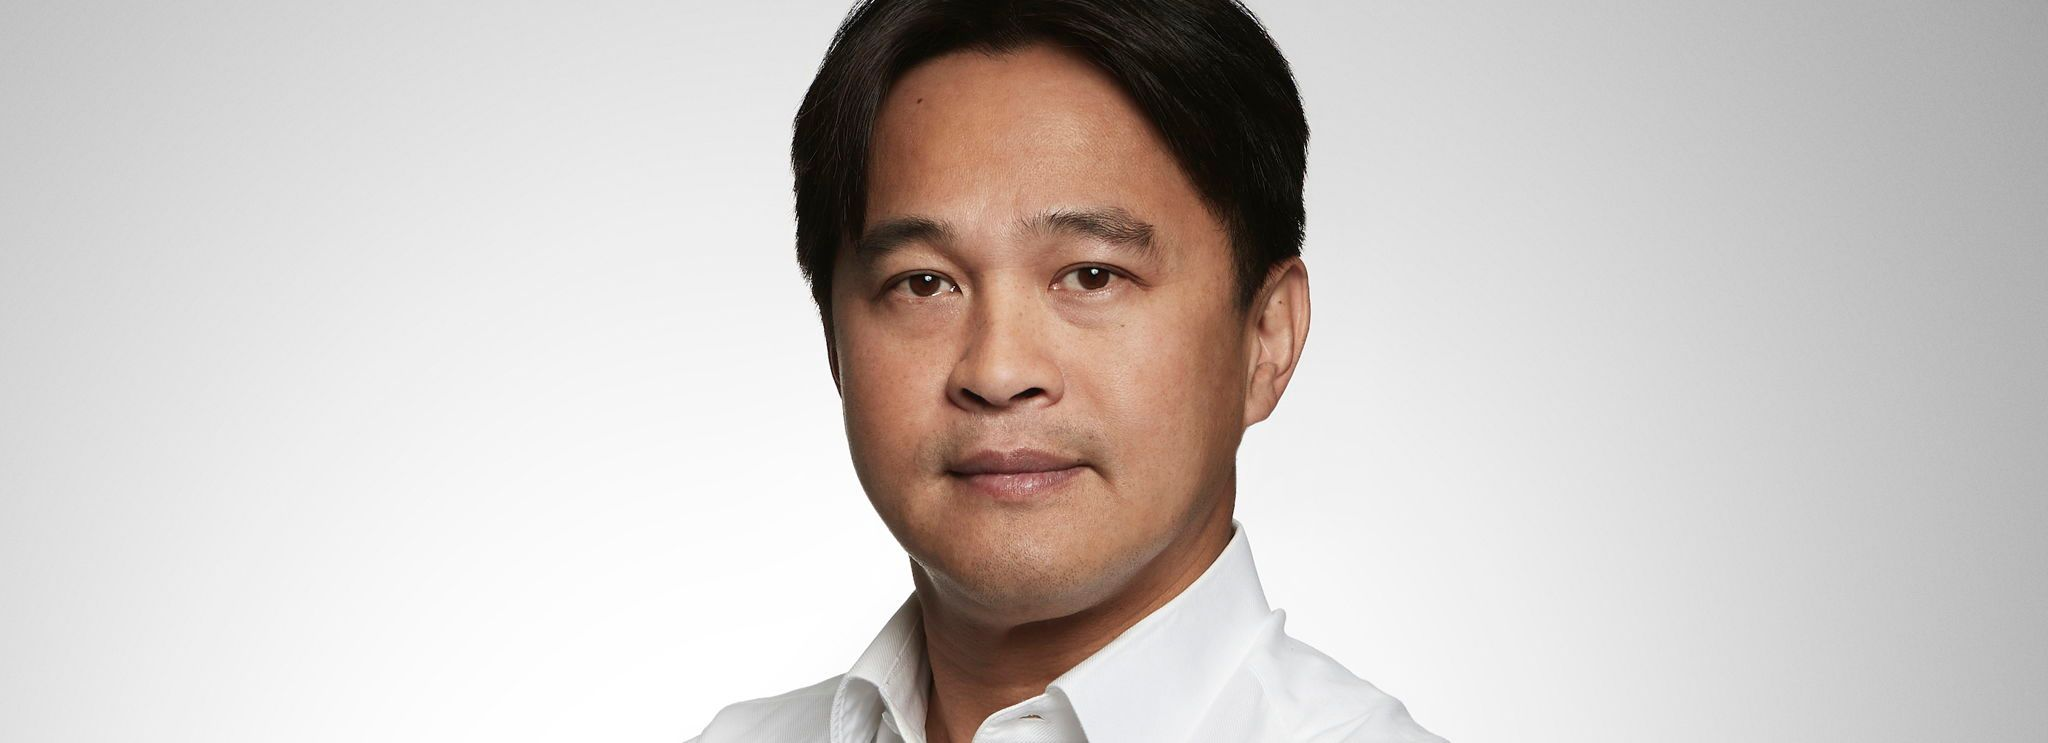 Wen Hsieh